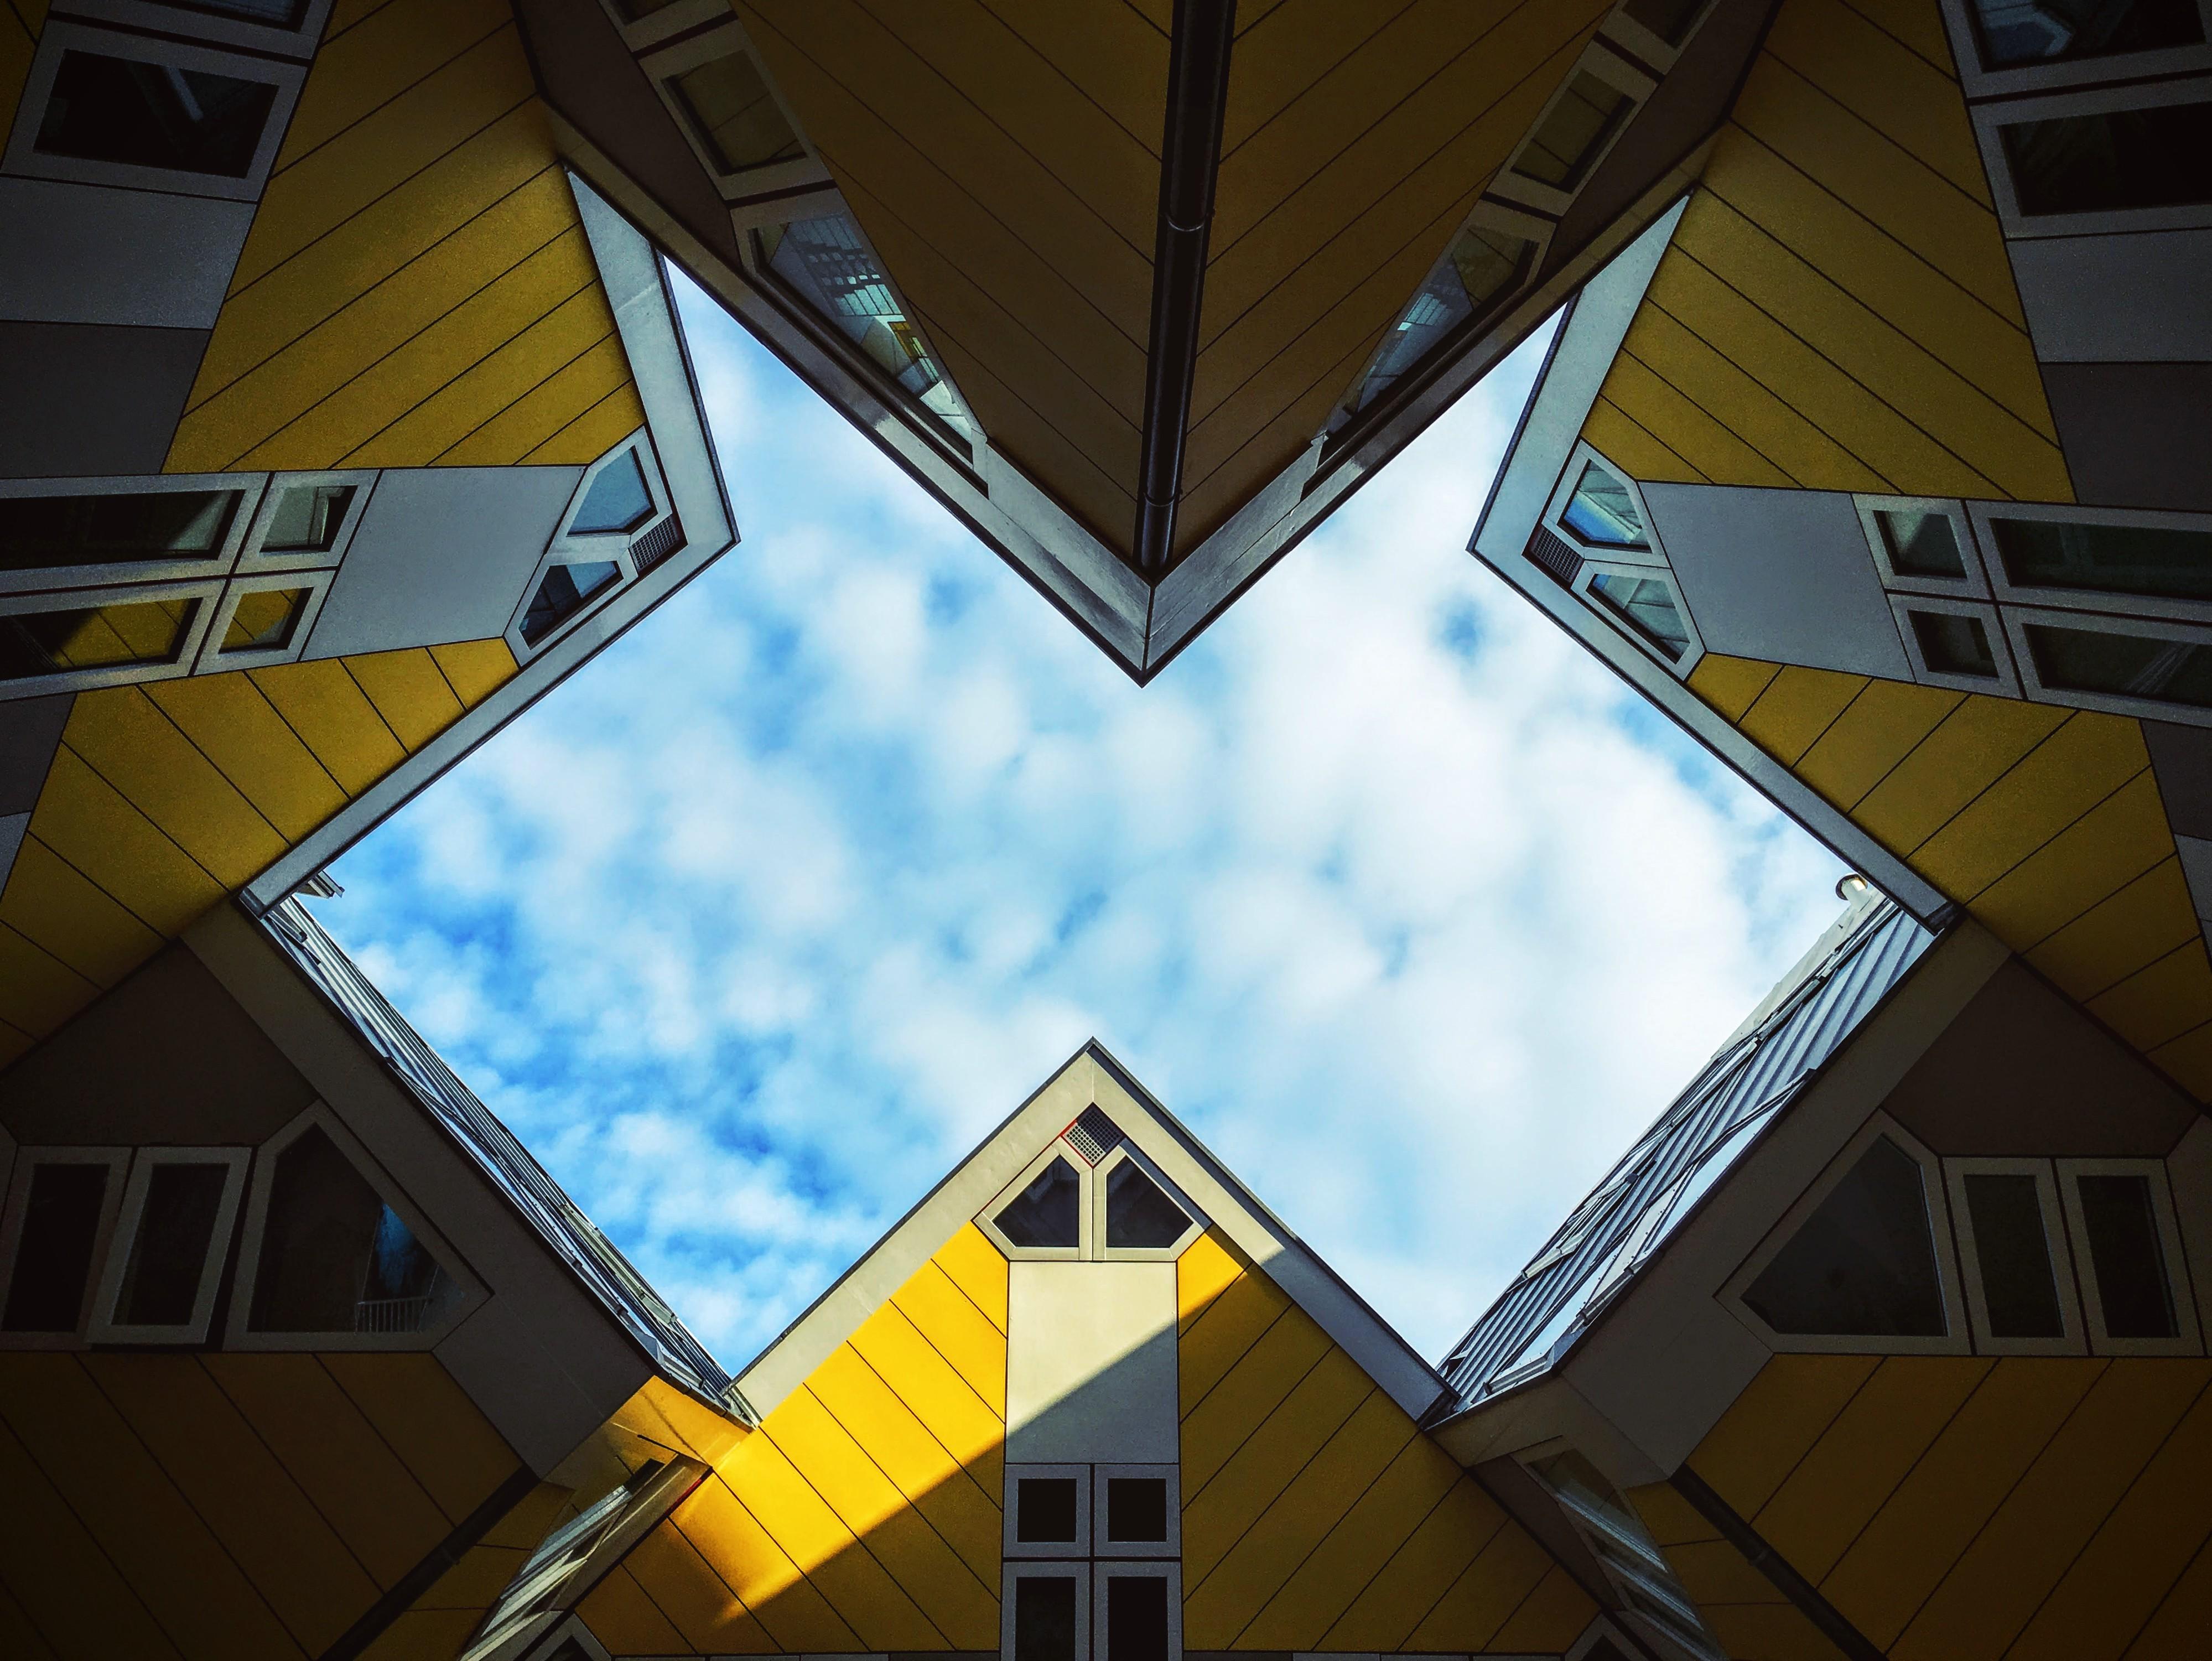 Kostenlose foto : Licht, die Architektur, Himmel, Haus, Sonnenlicht ...